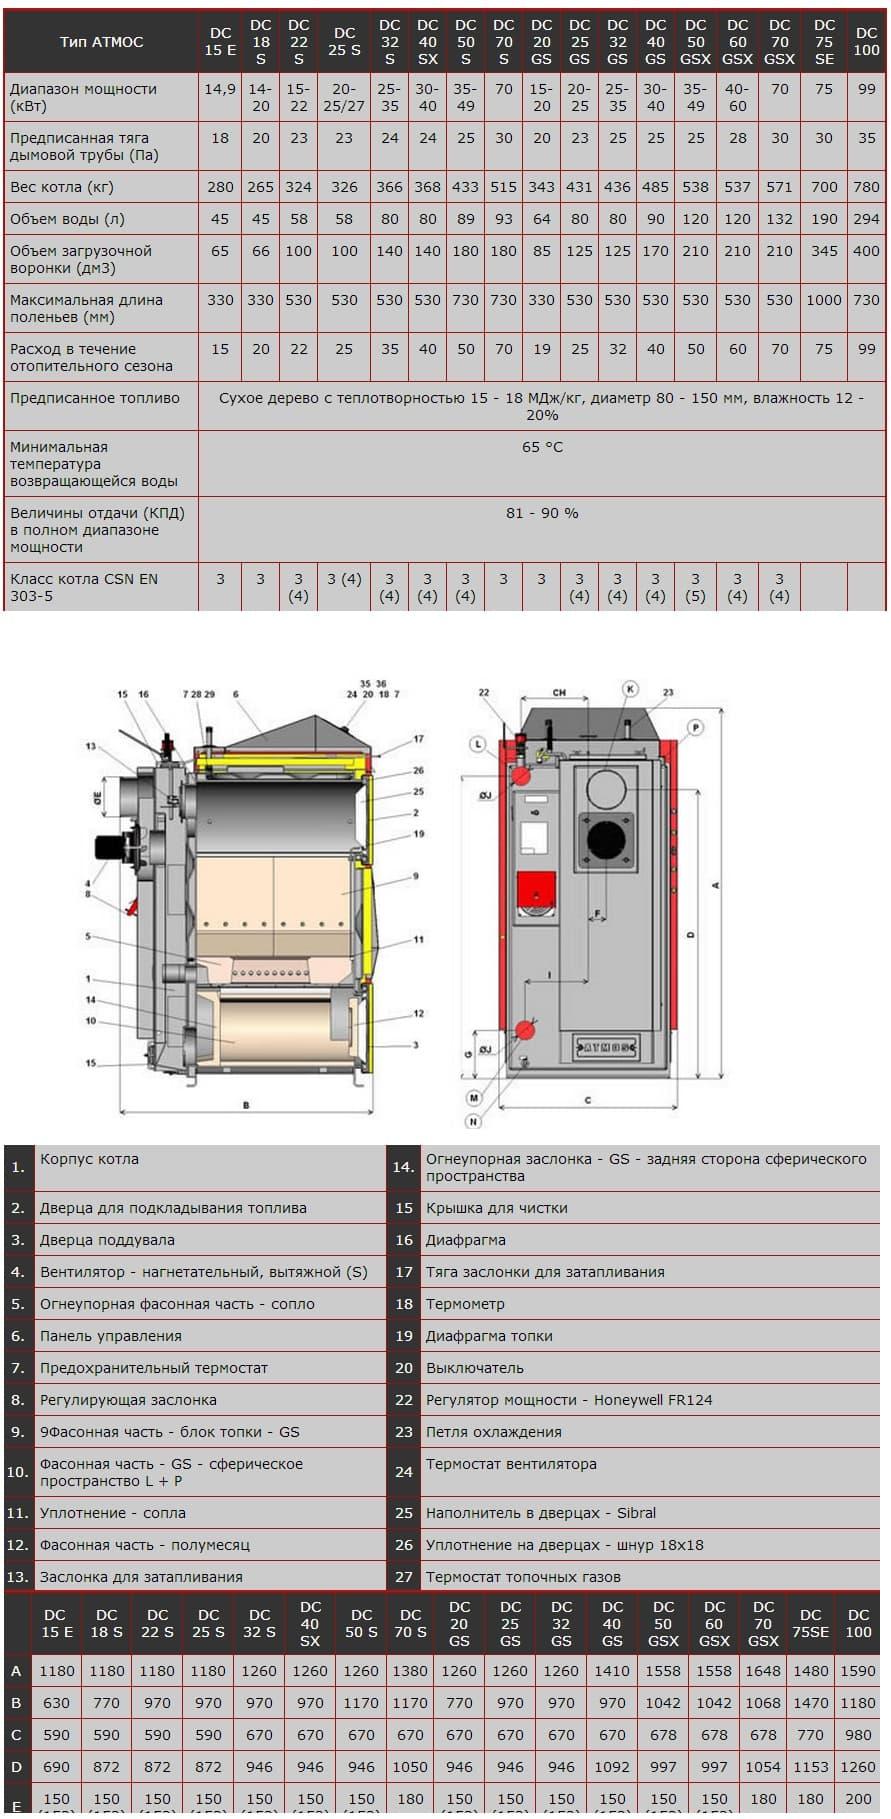 картинка - технические характеристики: Котел твердотопливный Atmos DC 25 S